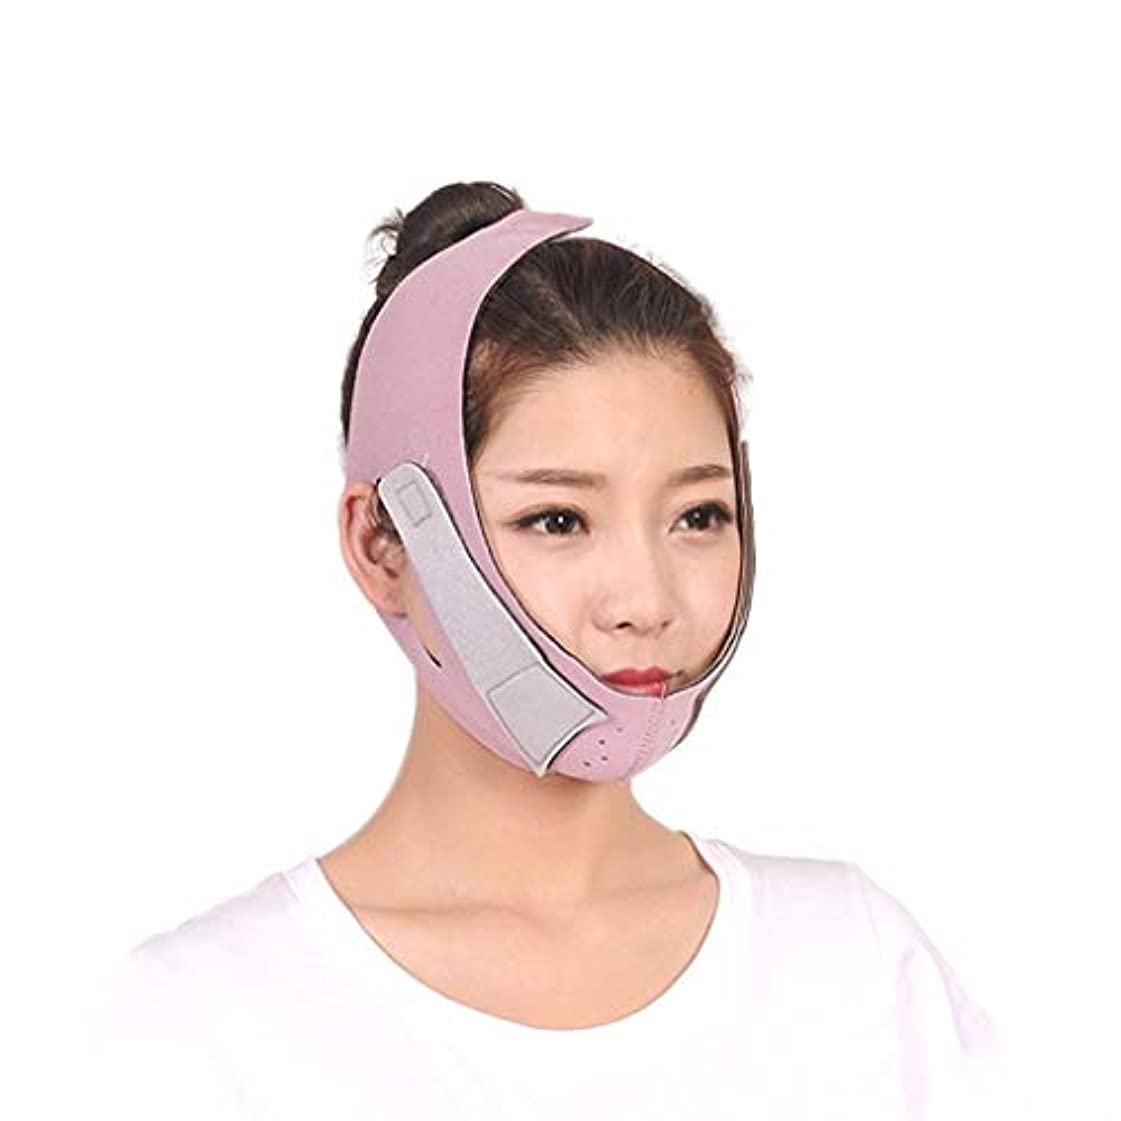 試み調和のとれた幽霊Jia He 軽量 薄い顔ベルト、通気性睡眠マスク薄い顔薄い二重あごはアンチリンクルVフェイスアーティファクトバンチフェイスベルトを持ち上げ ## (Color : Pink)